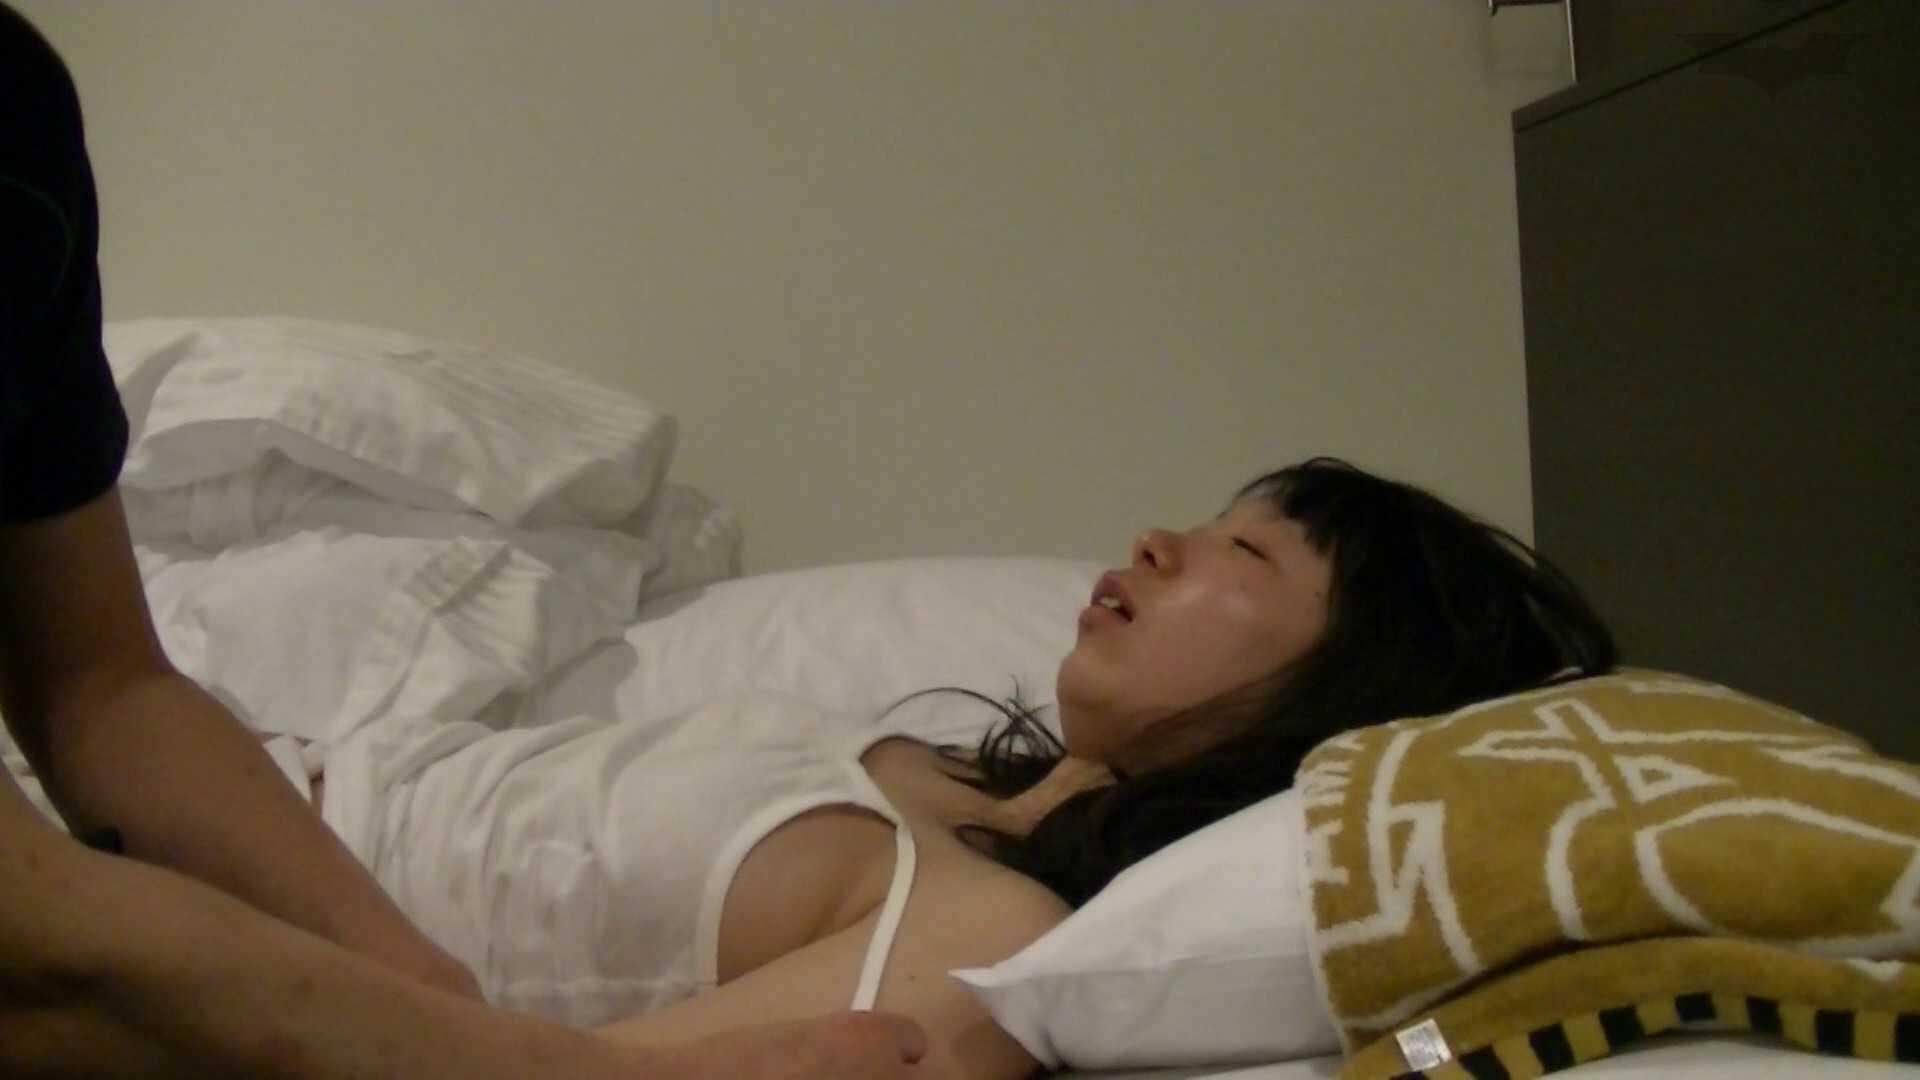 完全ガチです! 影 対 可愛い顔して乳輪デカイakariちゃん 細身女性 おめこ無修正動画無料 82画像 37